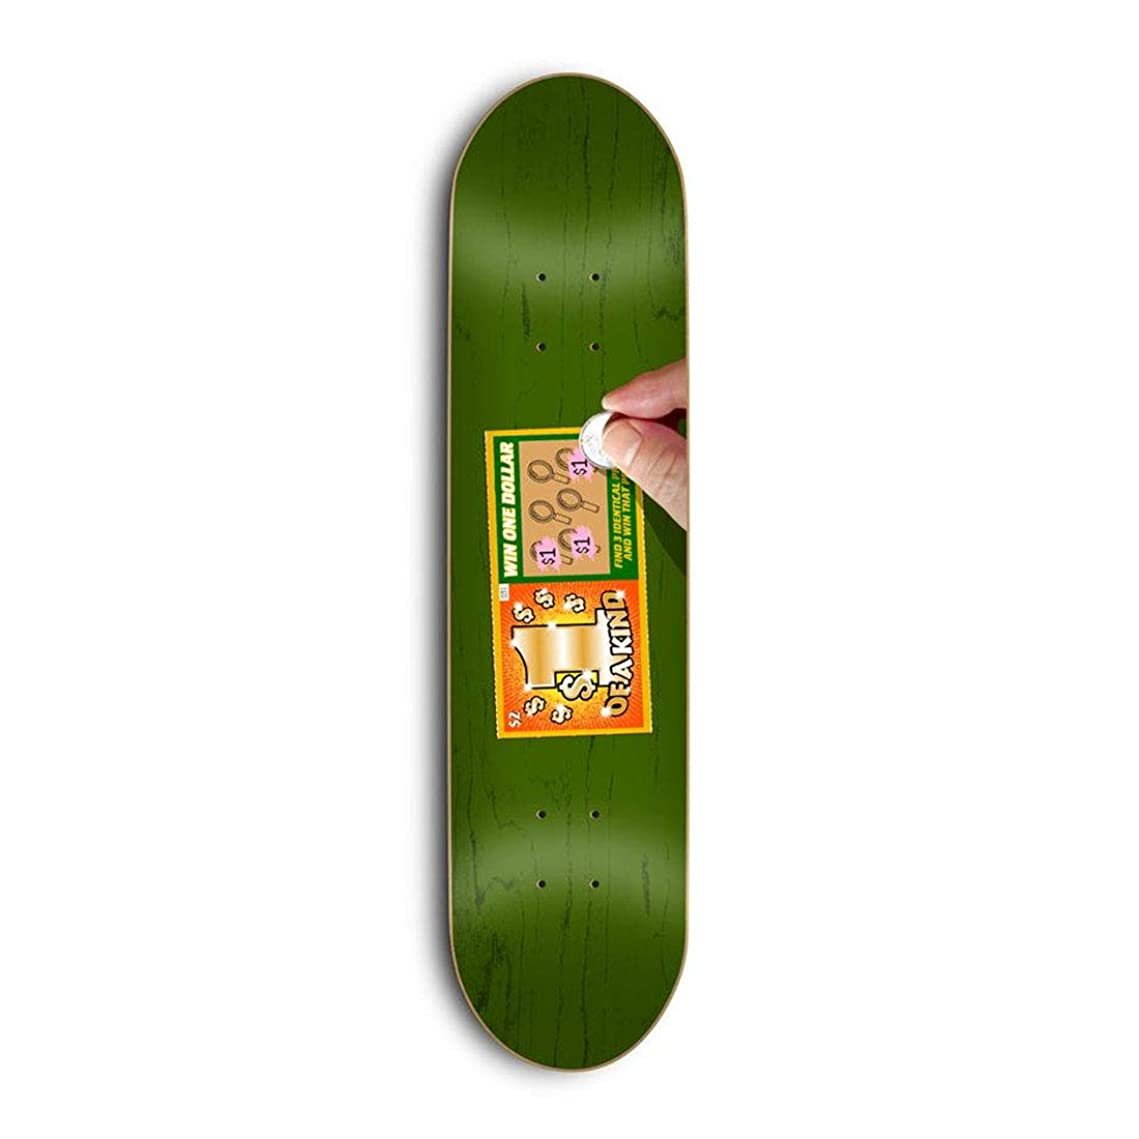 じゃないクラッシュ信号Skate Mental スケートボードデッキ Kleppan Scratcher 8.375インチ